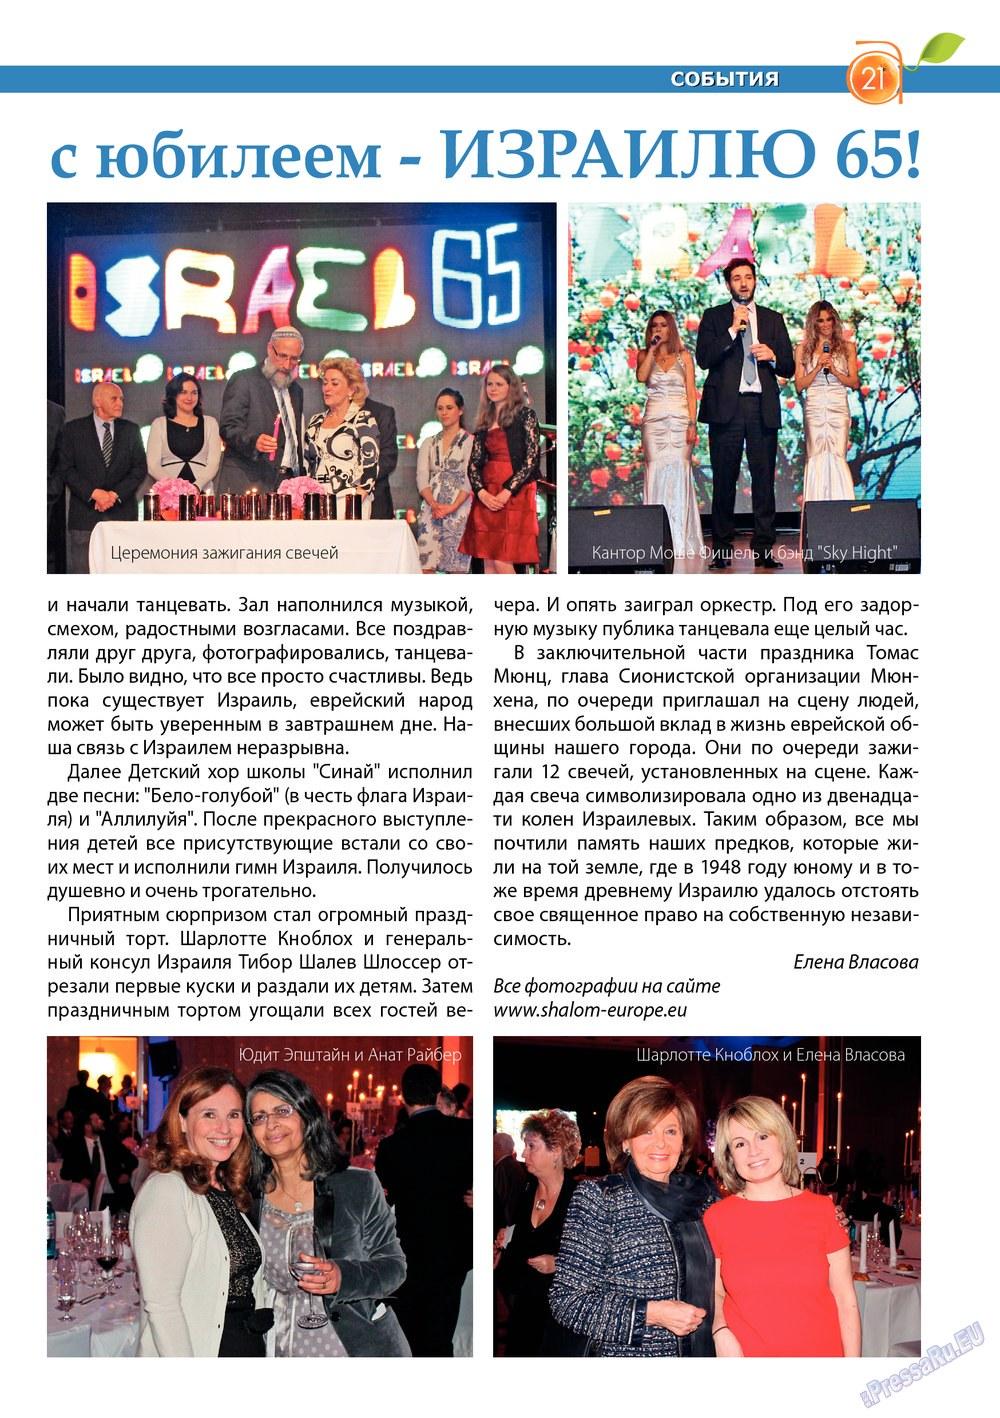 Апельсин (журнал). 2013 год, номер 46, стр. 21